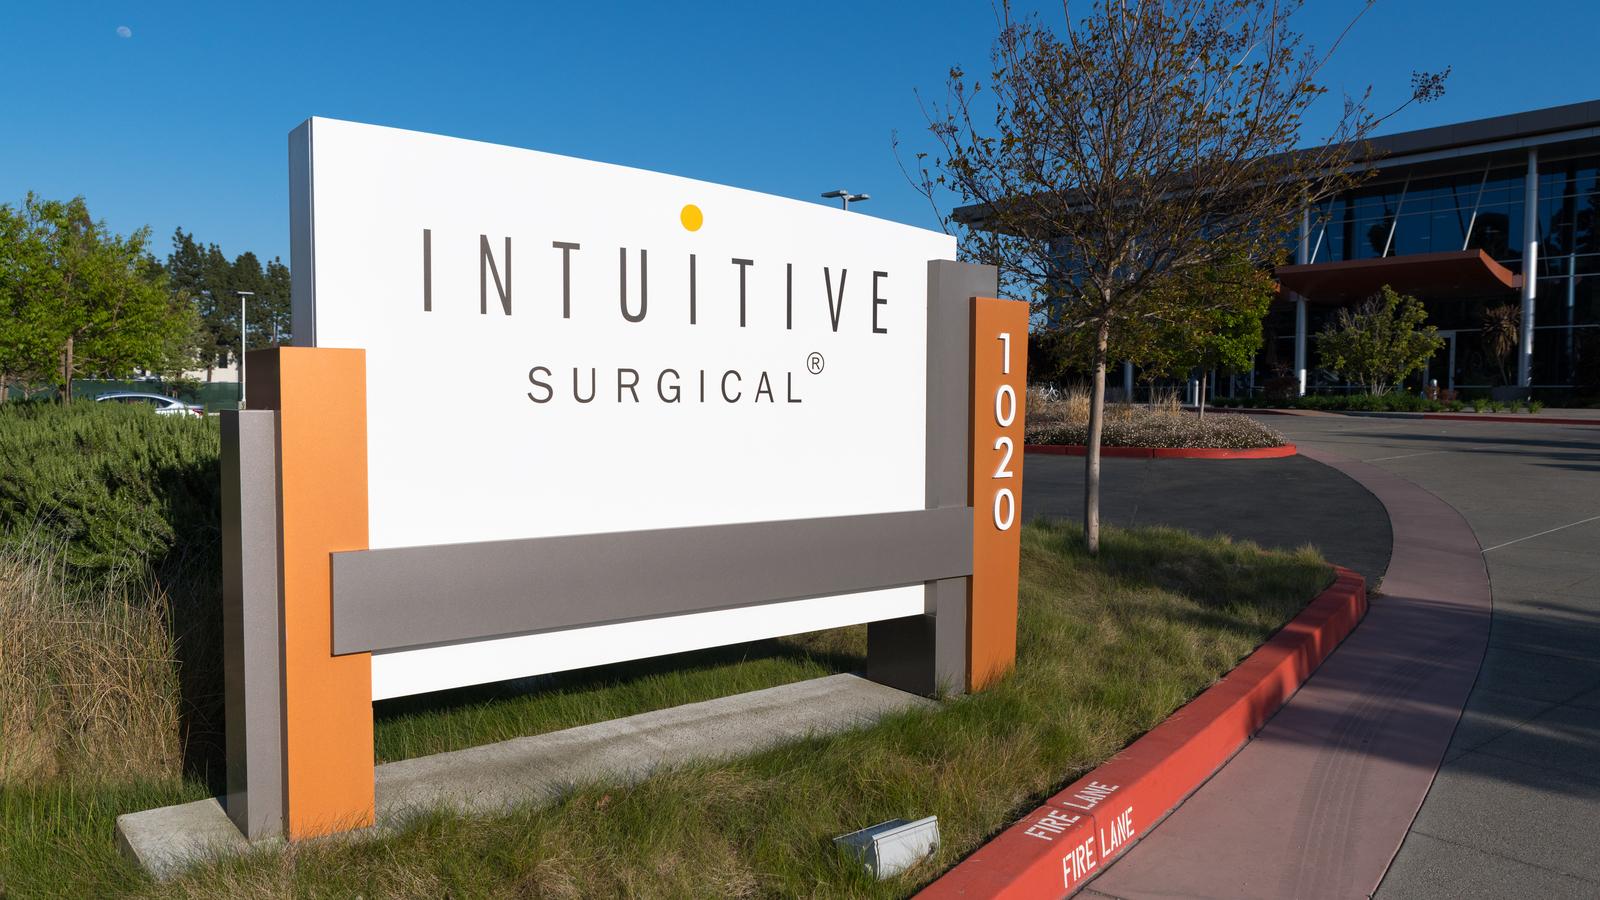 Cổ Phiếu Tiềm Năng Chứng Khoán Mỹ: Intuitive Surgical Inc - ISRG - Tommy Tư Duy và Làm Giàu